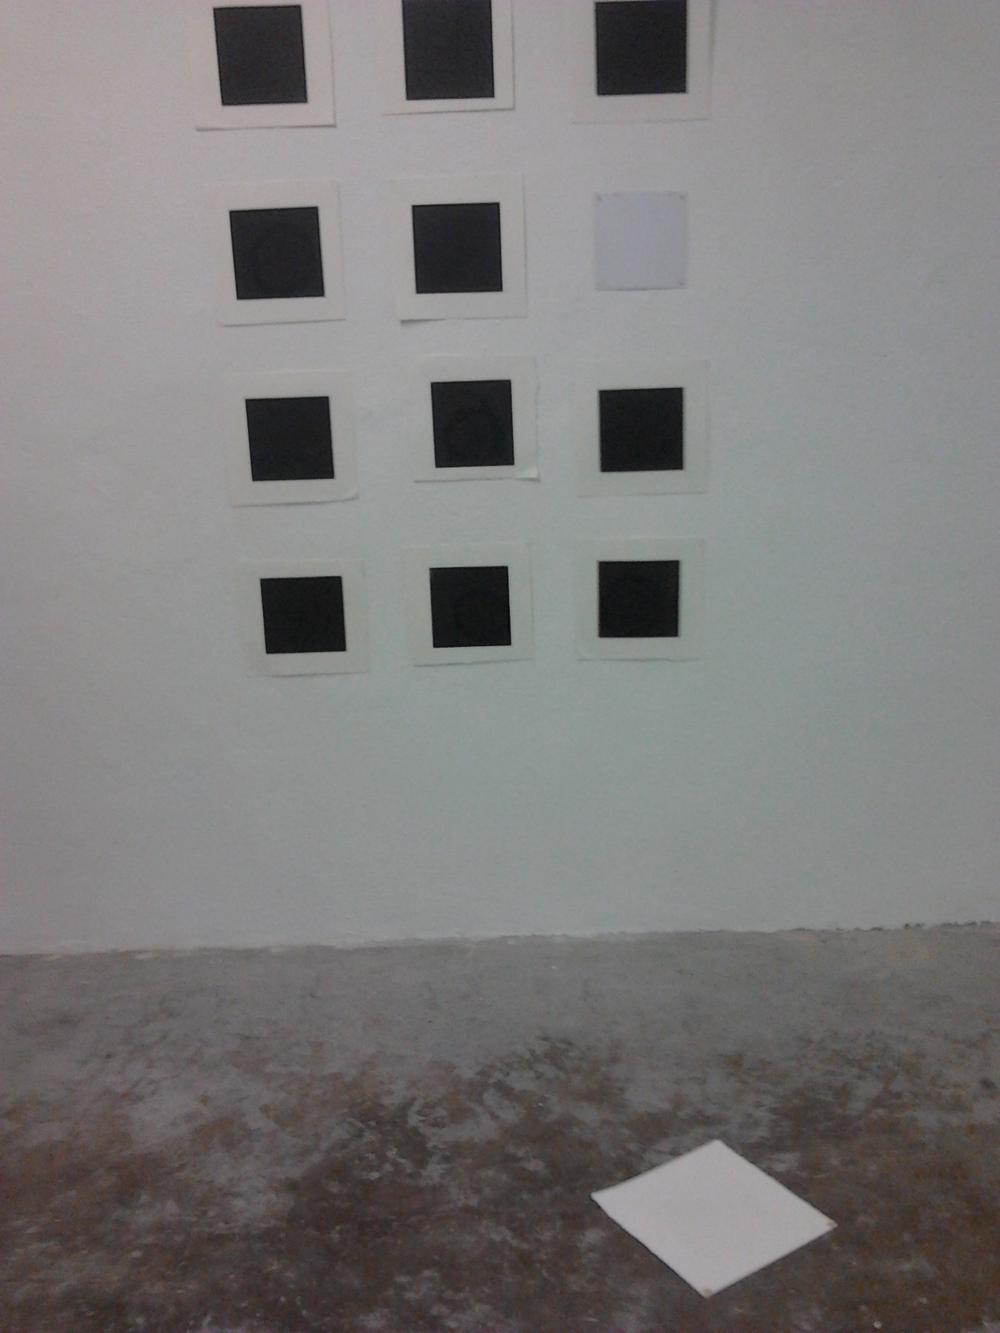 2012-11-23 13.56.41.jpg